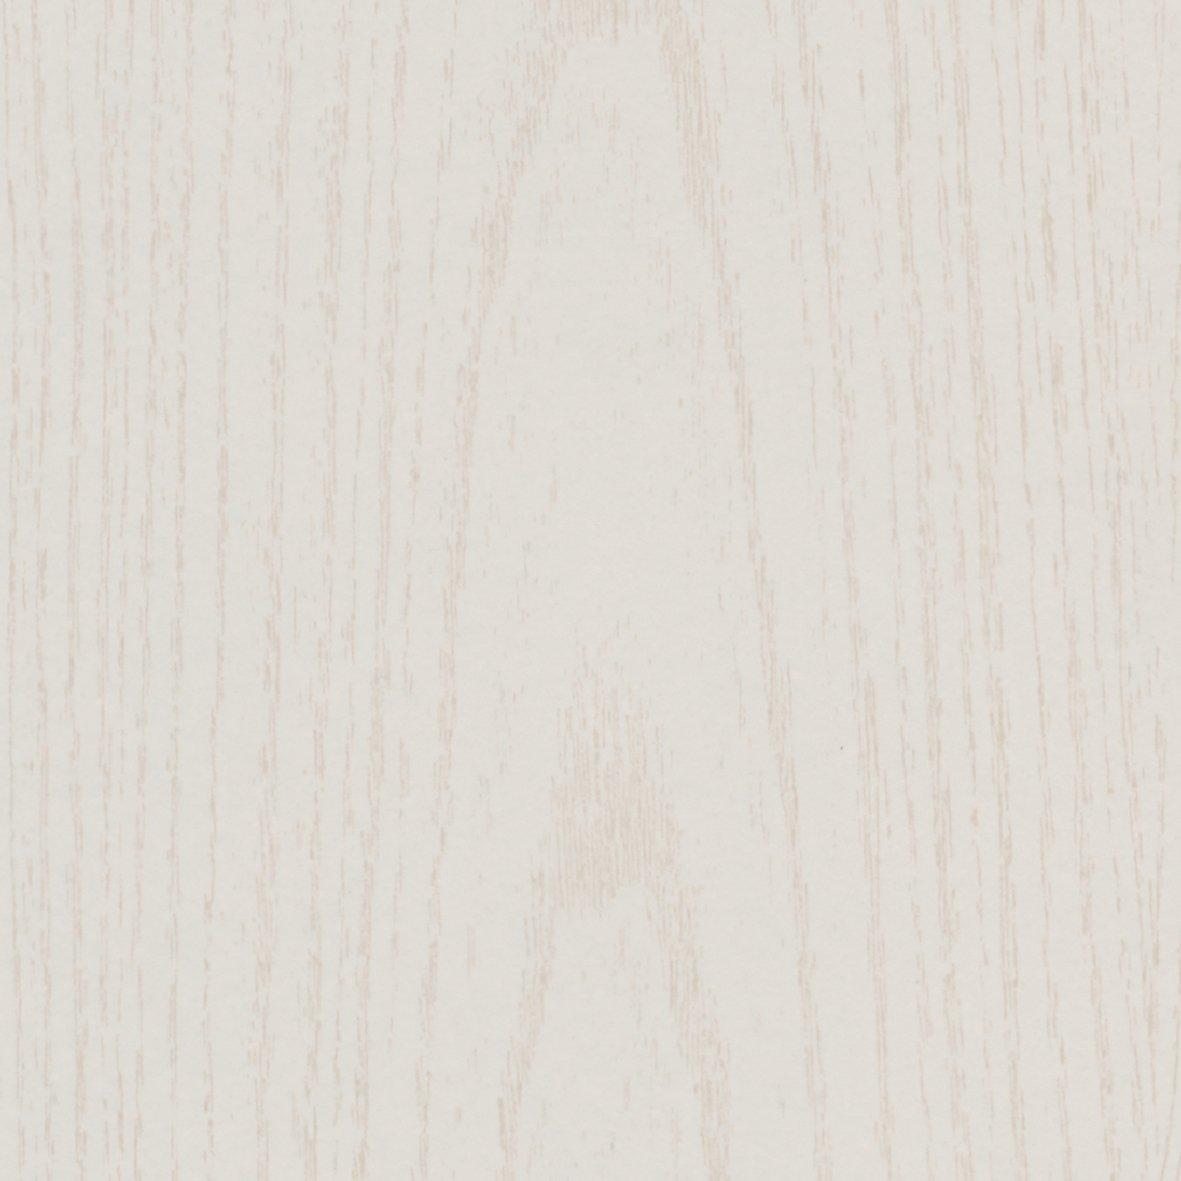 Viertelstab Abschlussleiste Abdeckleiste Fu/ßbodenleiste aus MDF in Struktur wei/ß 2600 x 12 x 12 mm